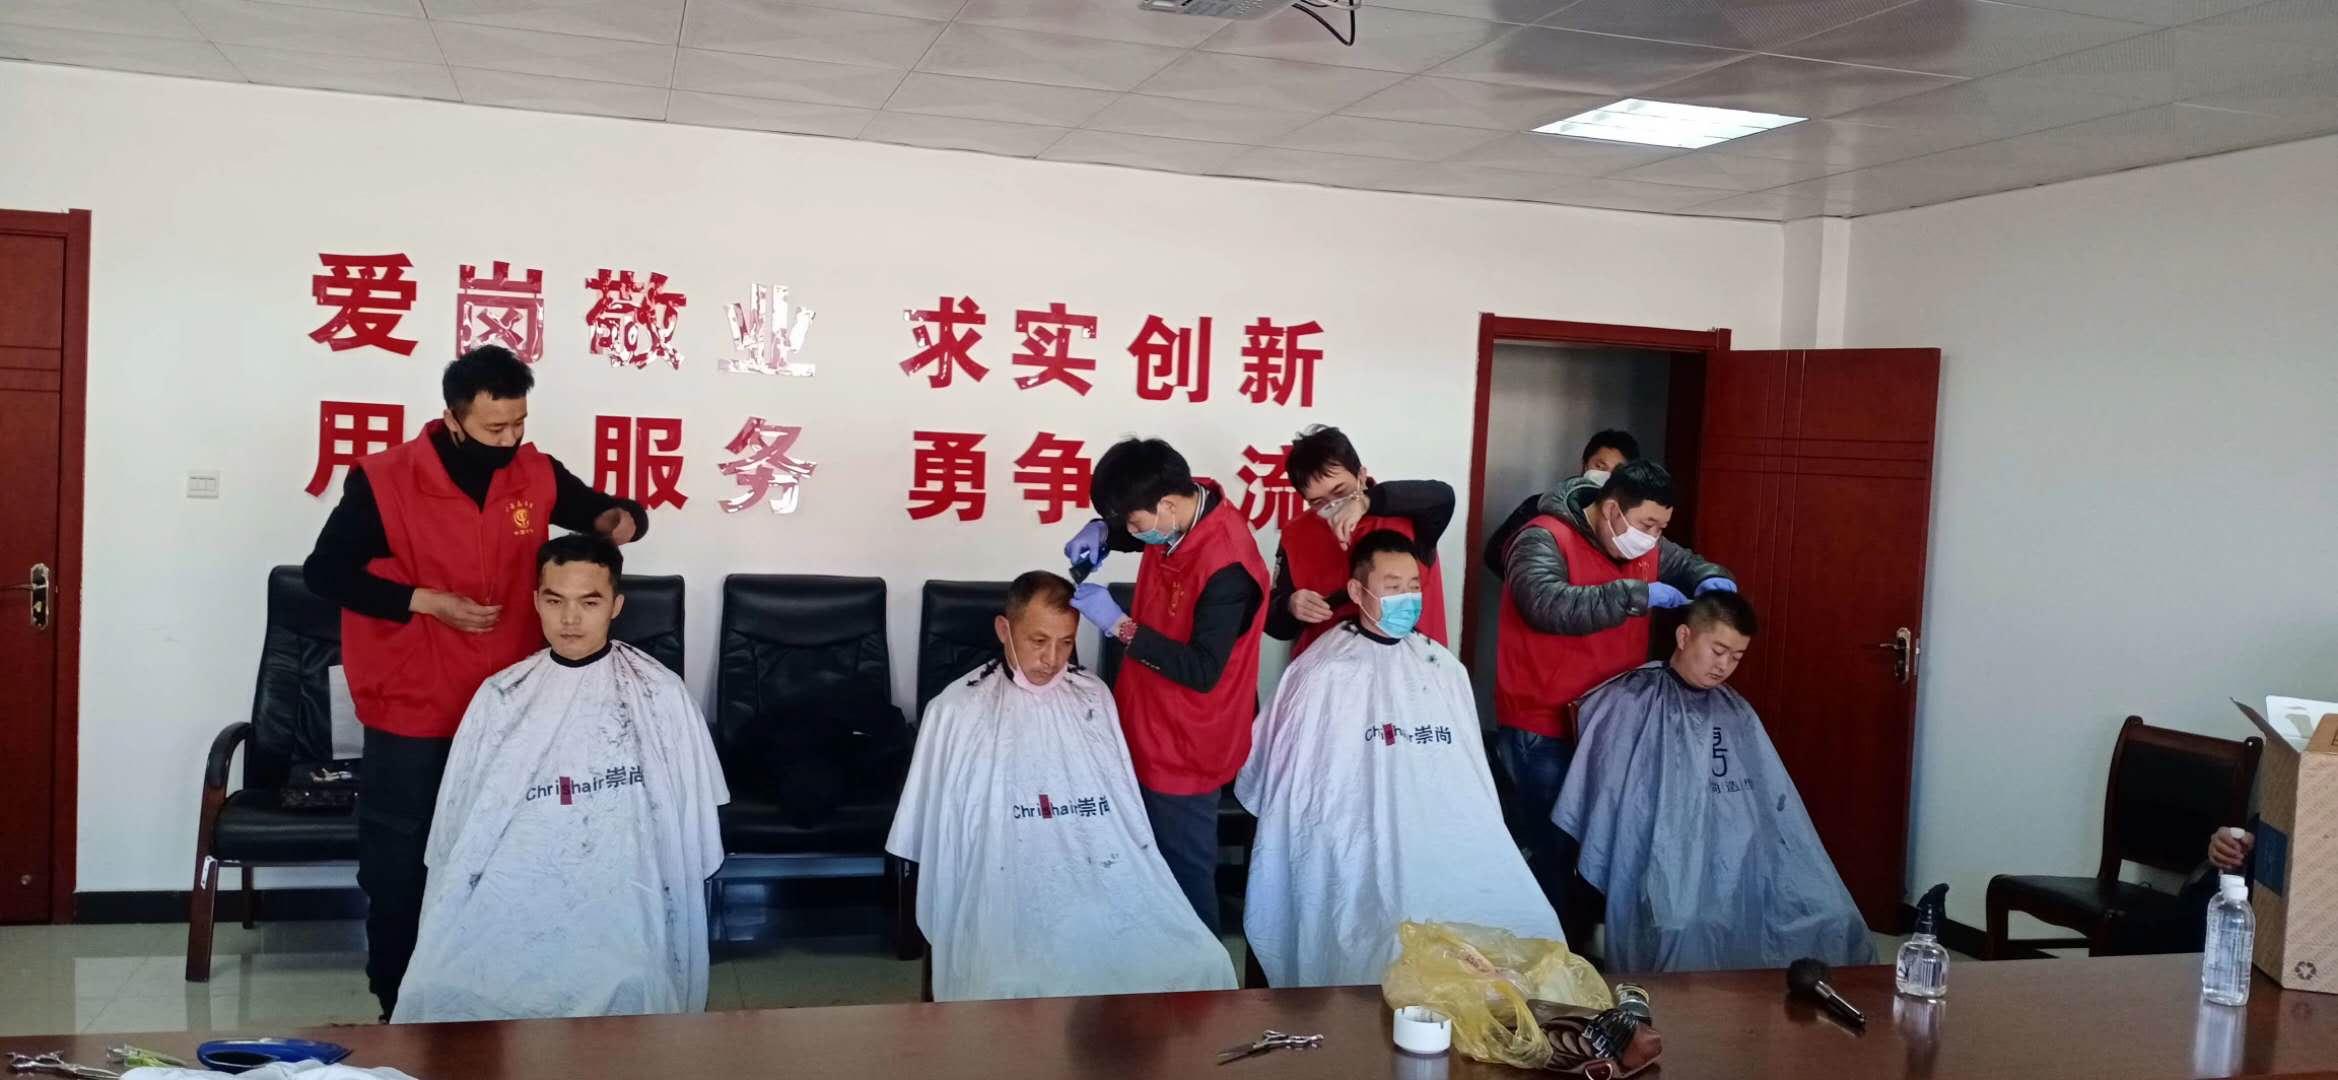 1、榆林青年慈善志愿者服務隊為一線防疫人員義務理發.jpg